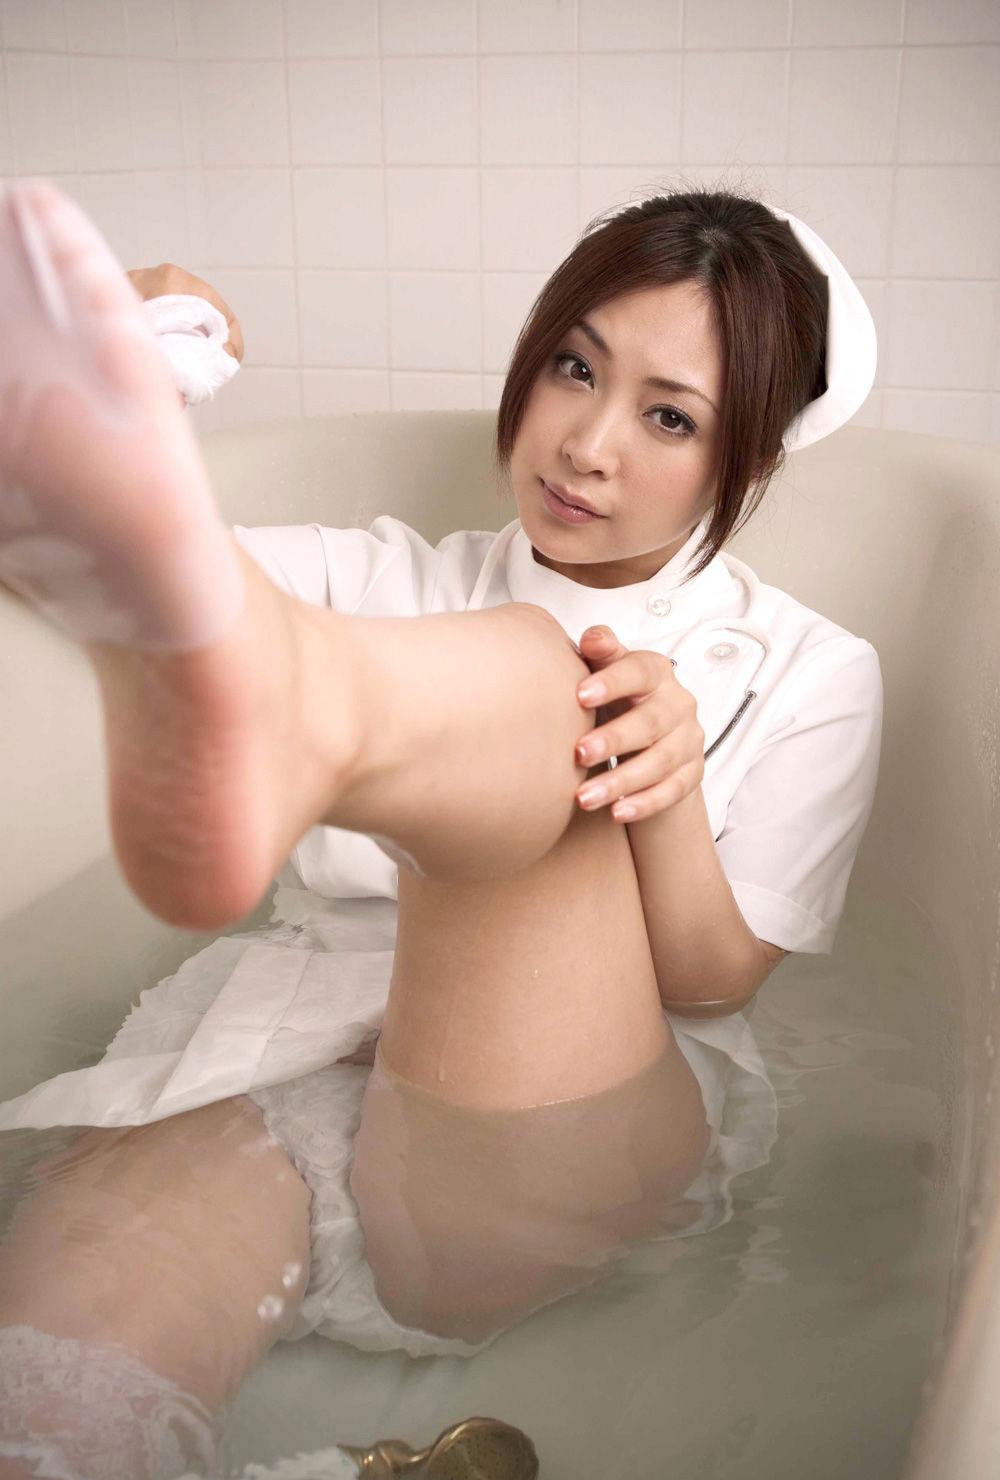 辰巳奈都子 画像 掲示板 36